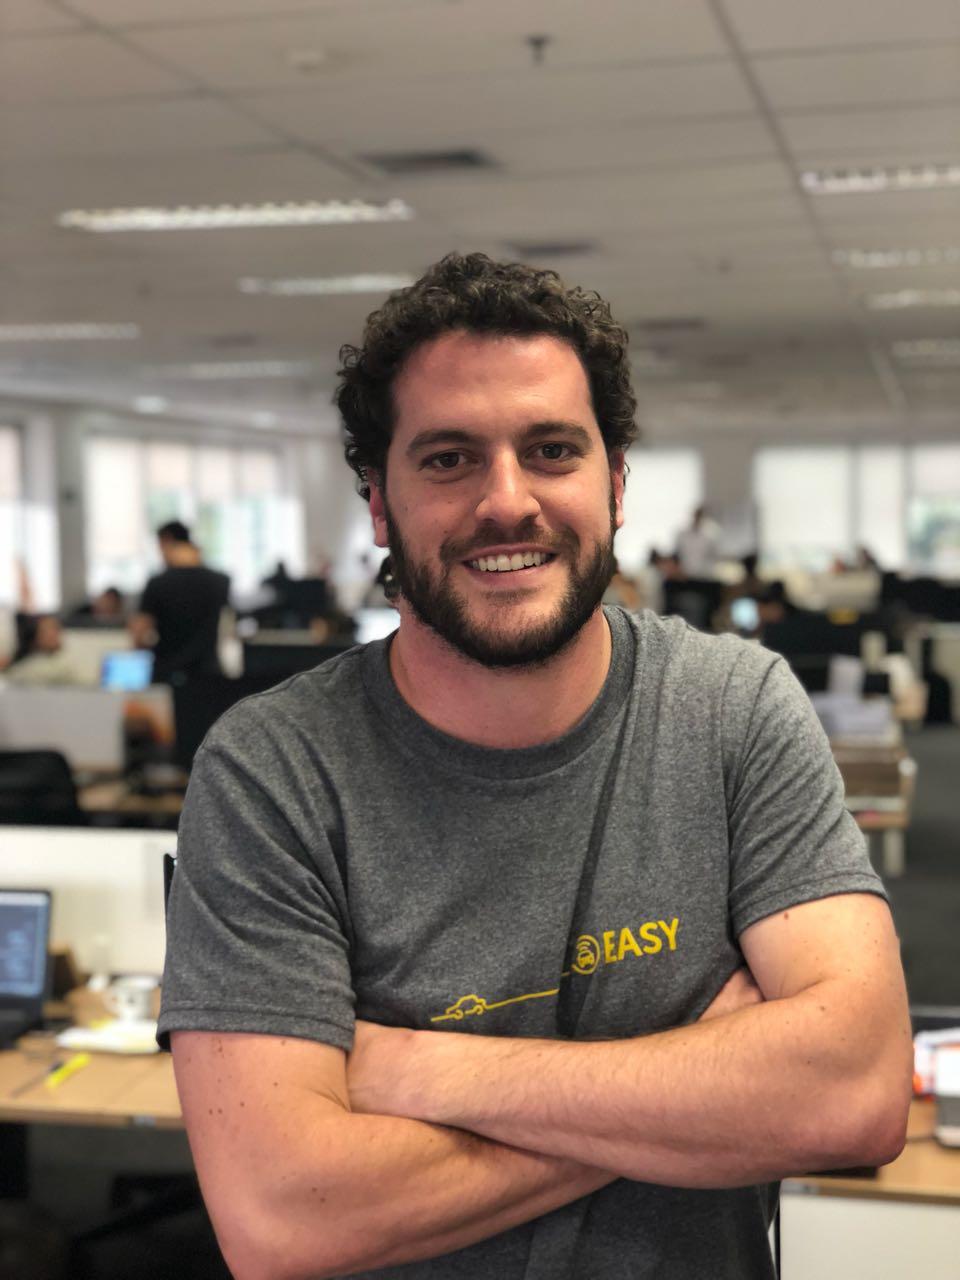 6 Lições CEO da Easy Taxi para trabalhar em startups